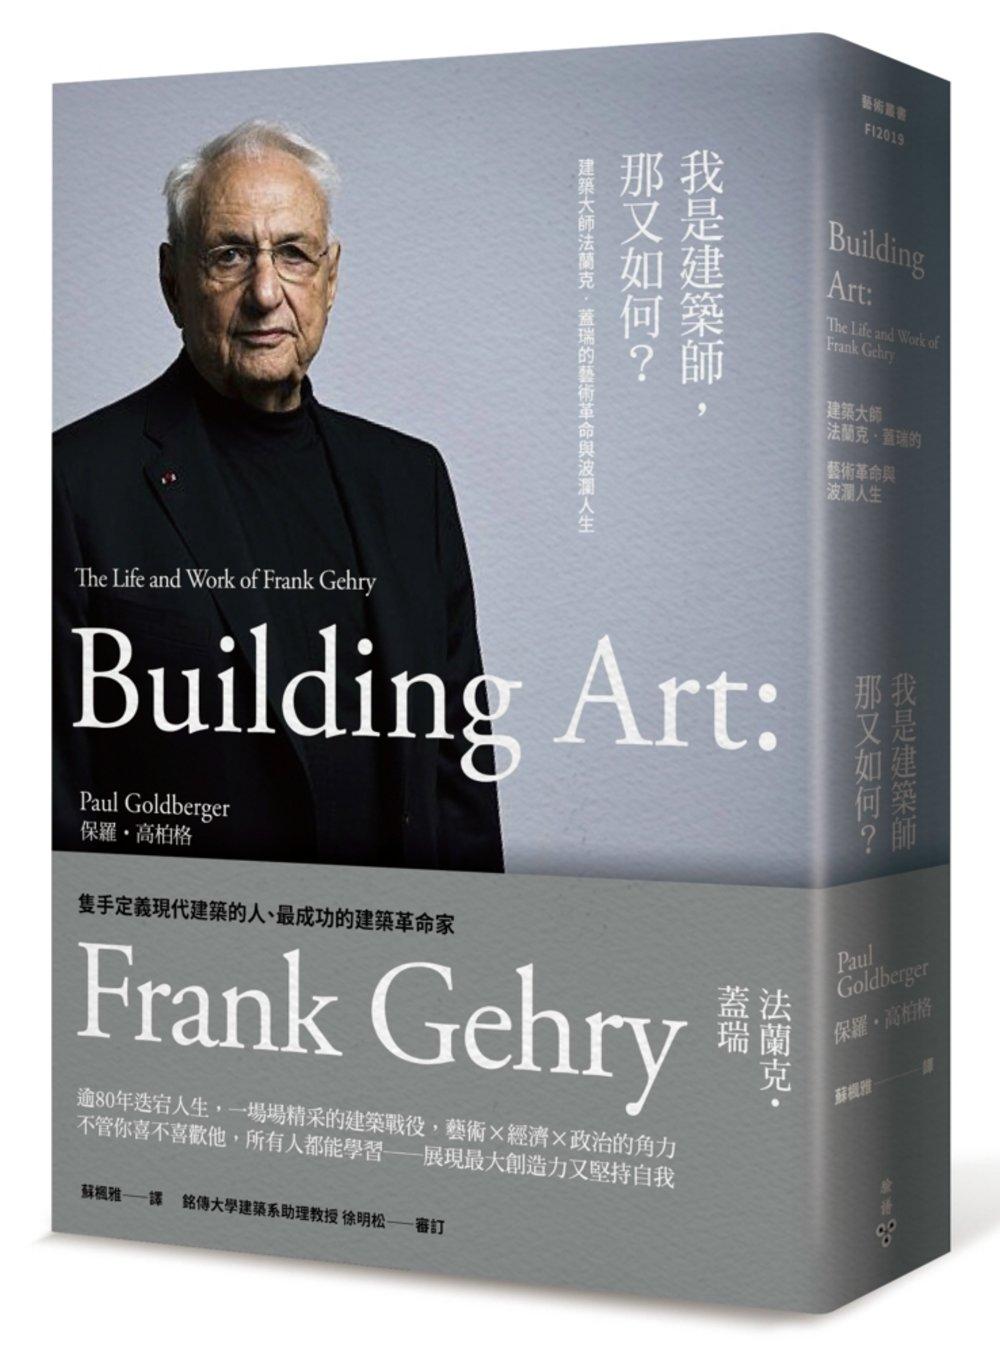 我是建築師,那又如何?:建築大師法蘭克‧蓋瑞的藝術革命與波瀾人生